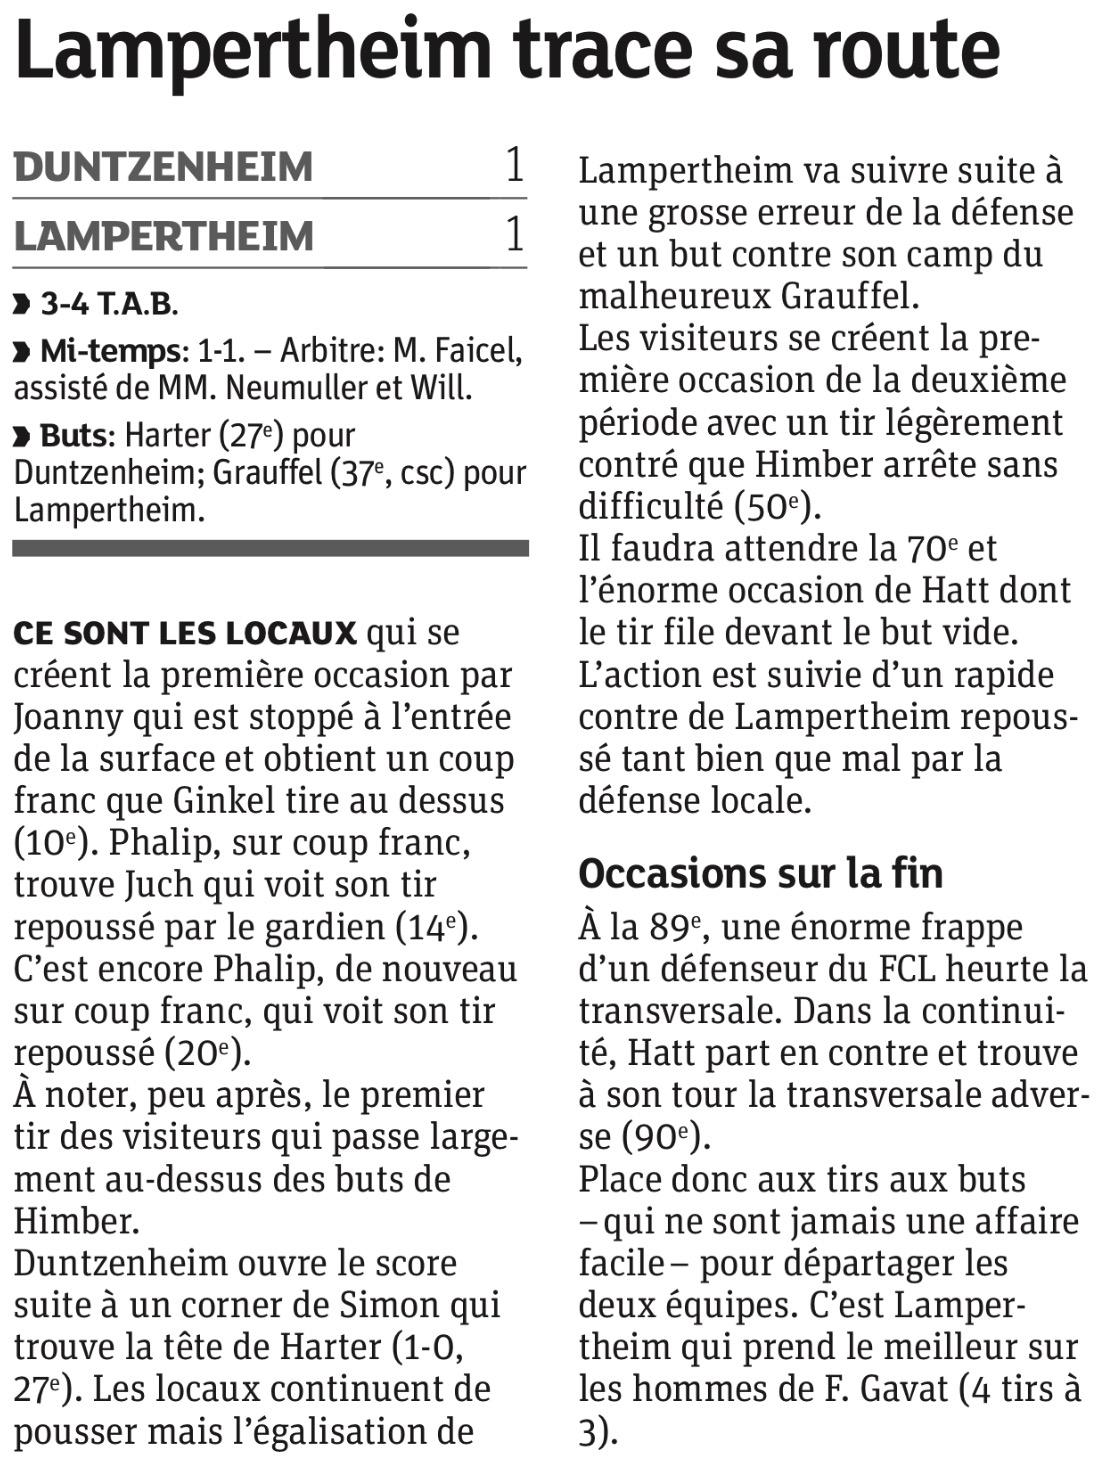 DNA du jour - Lampertheim trace se route